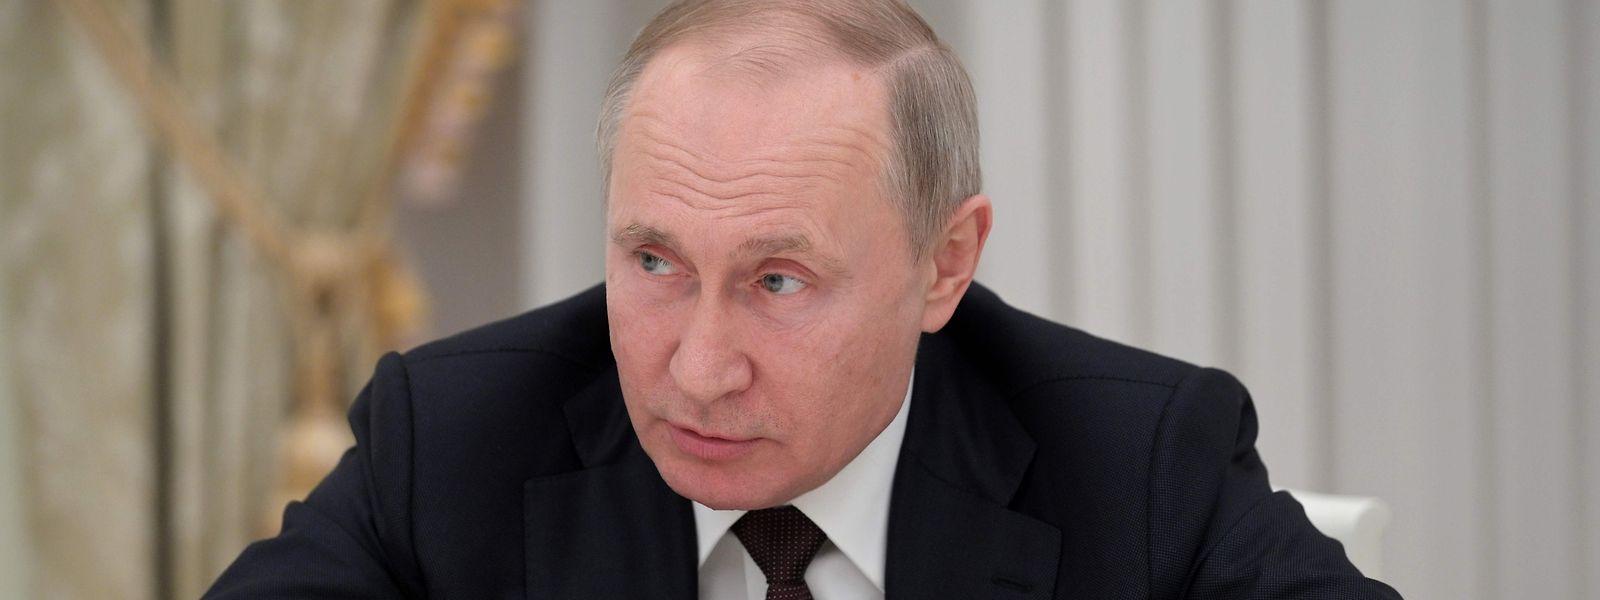 Vladimir Poutine a indiqué ce mardi qu'une de ses filles s'était fait inoculer le vaccin.